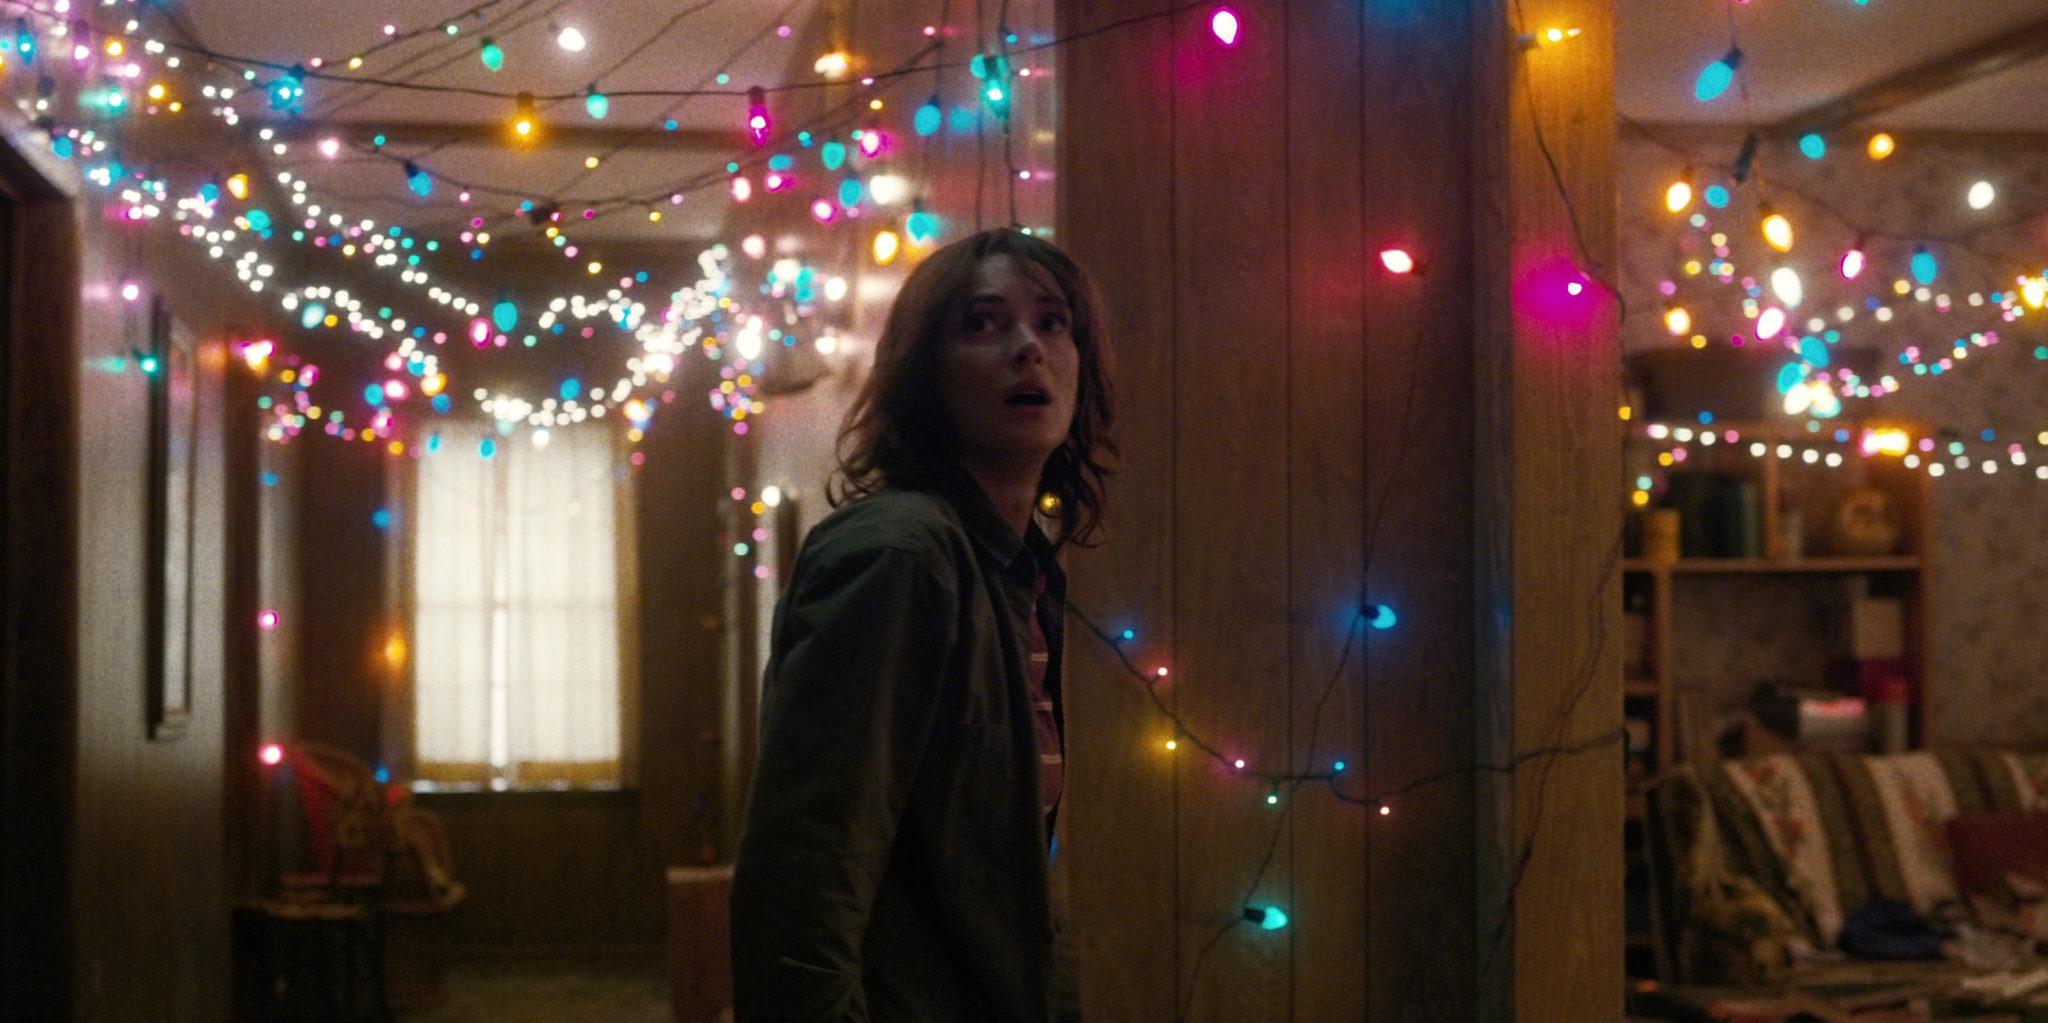 Kobieta stoi w pokoju, w którym wszędzie są powieszane małe lampki na łańcuszkach.